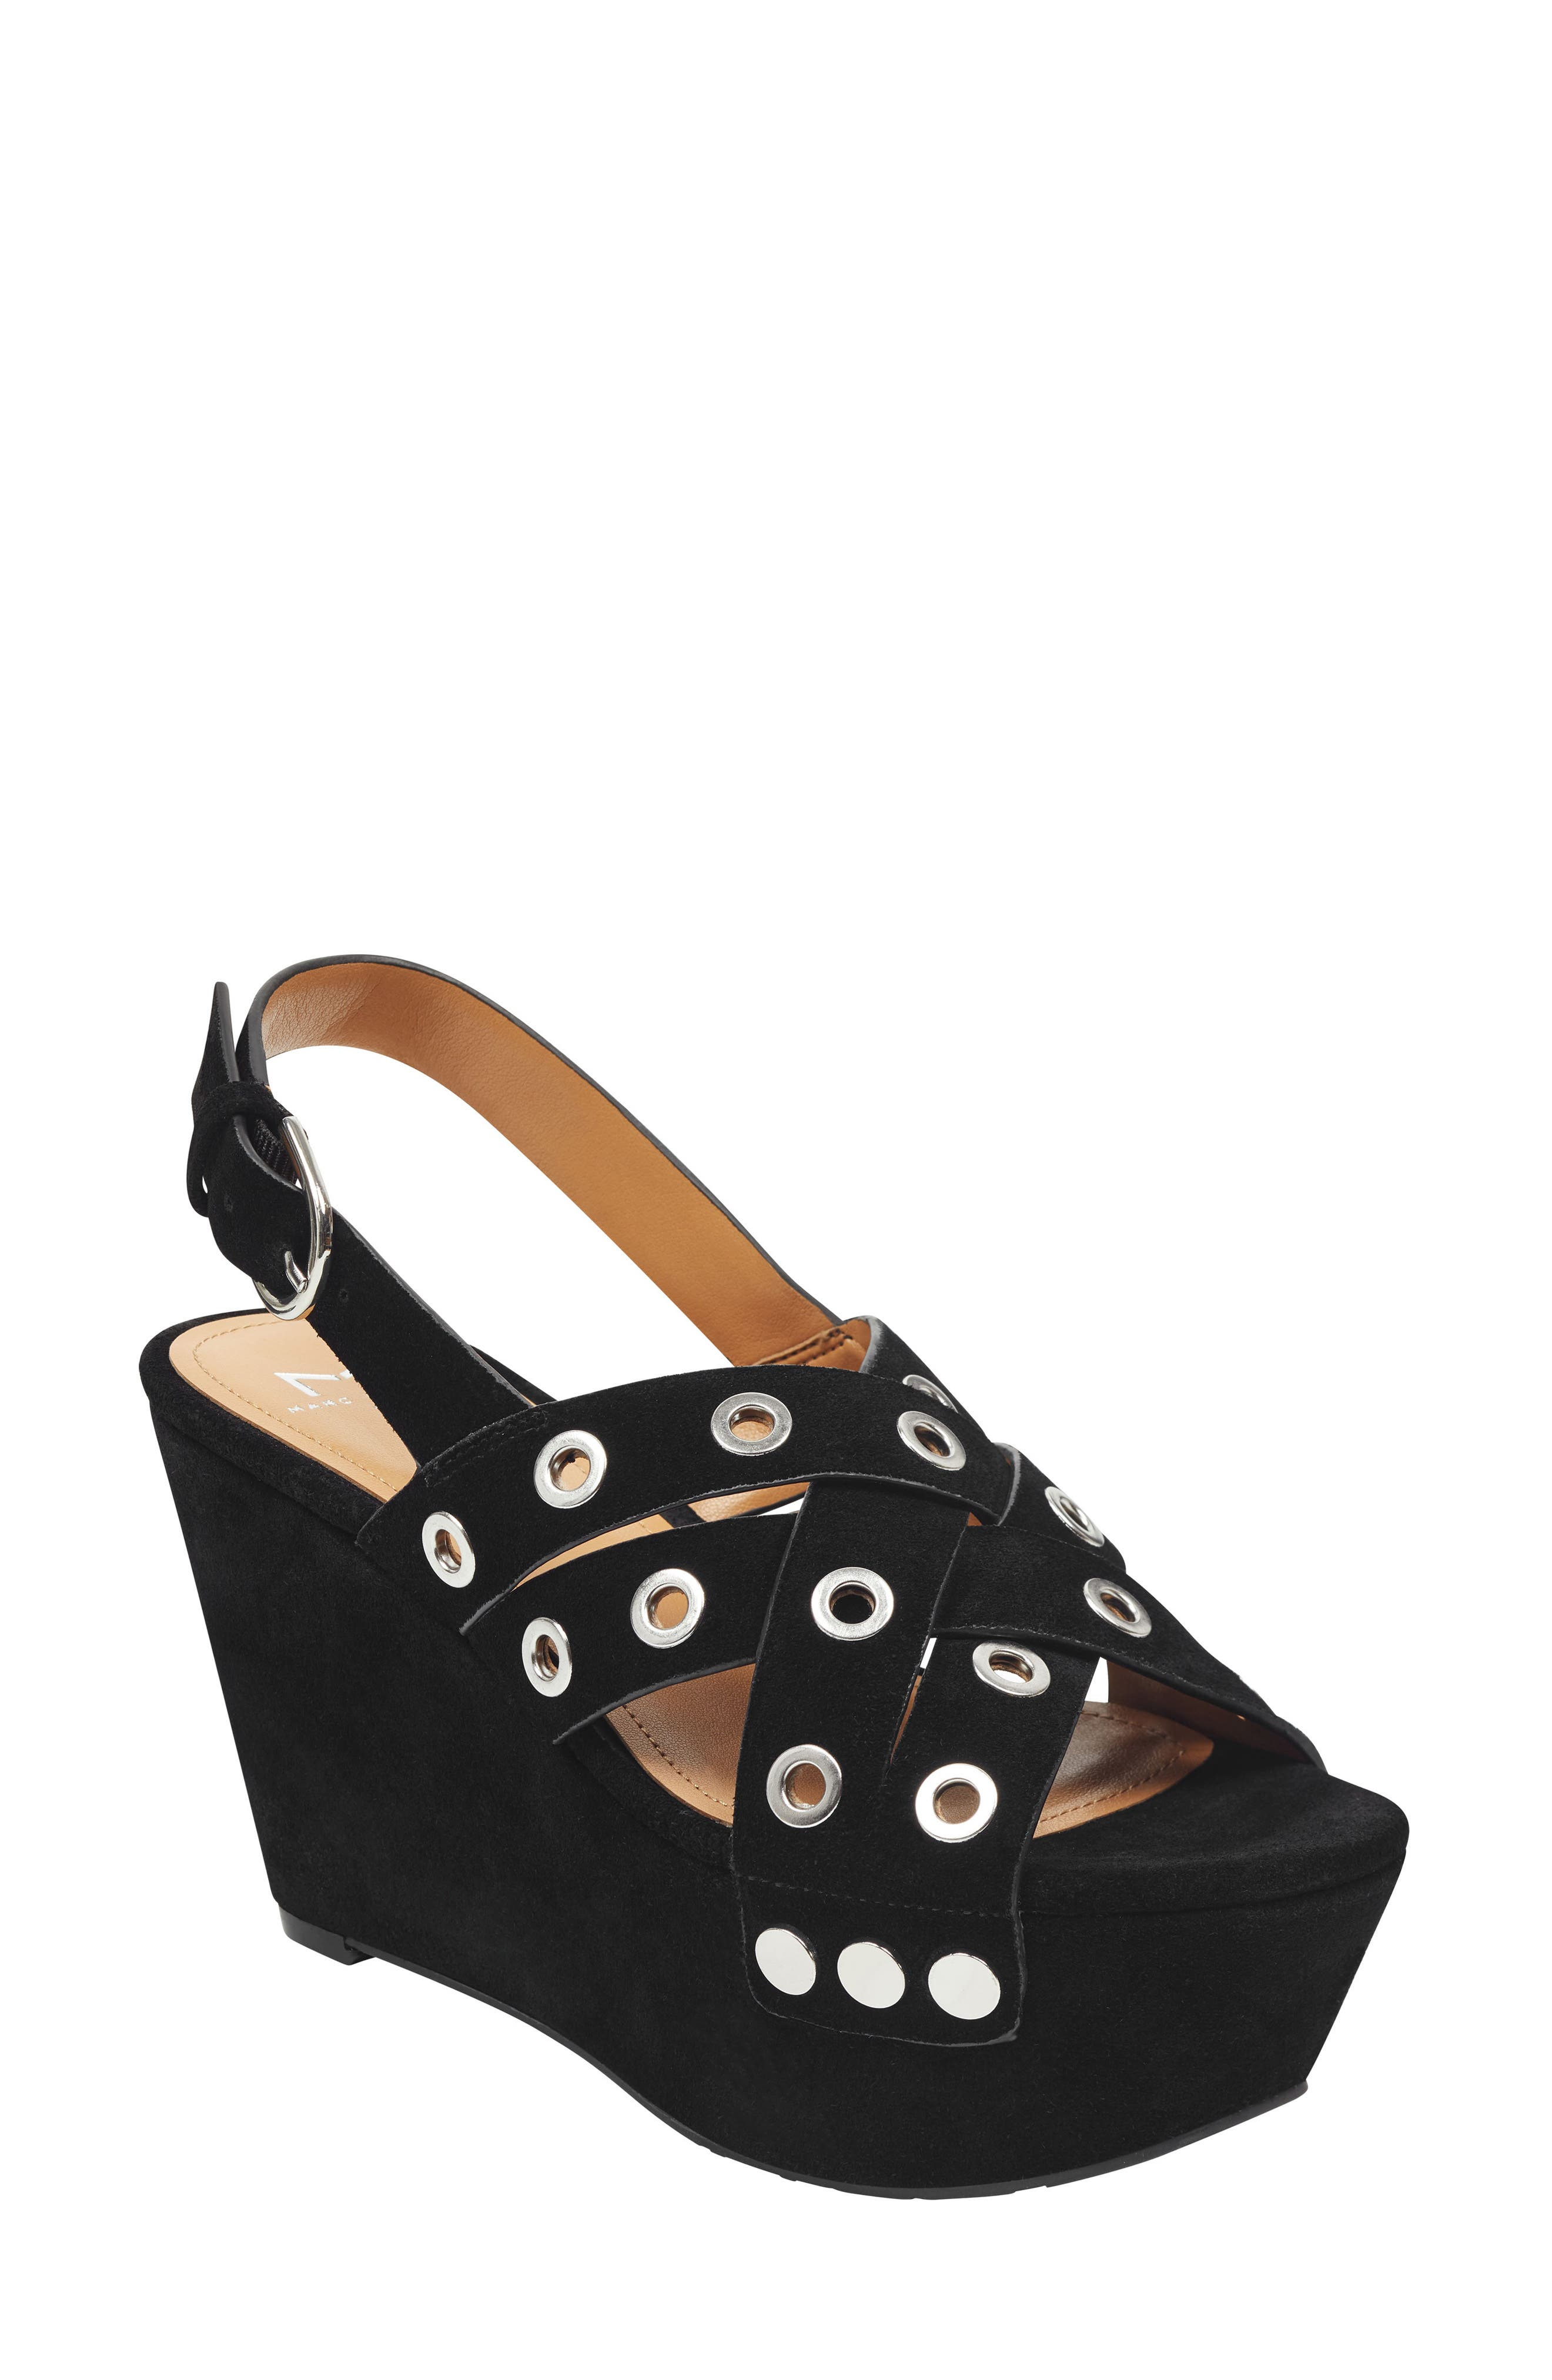 Bloom Platform Sandal,                         Main,                         color, BLACK SUEDE